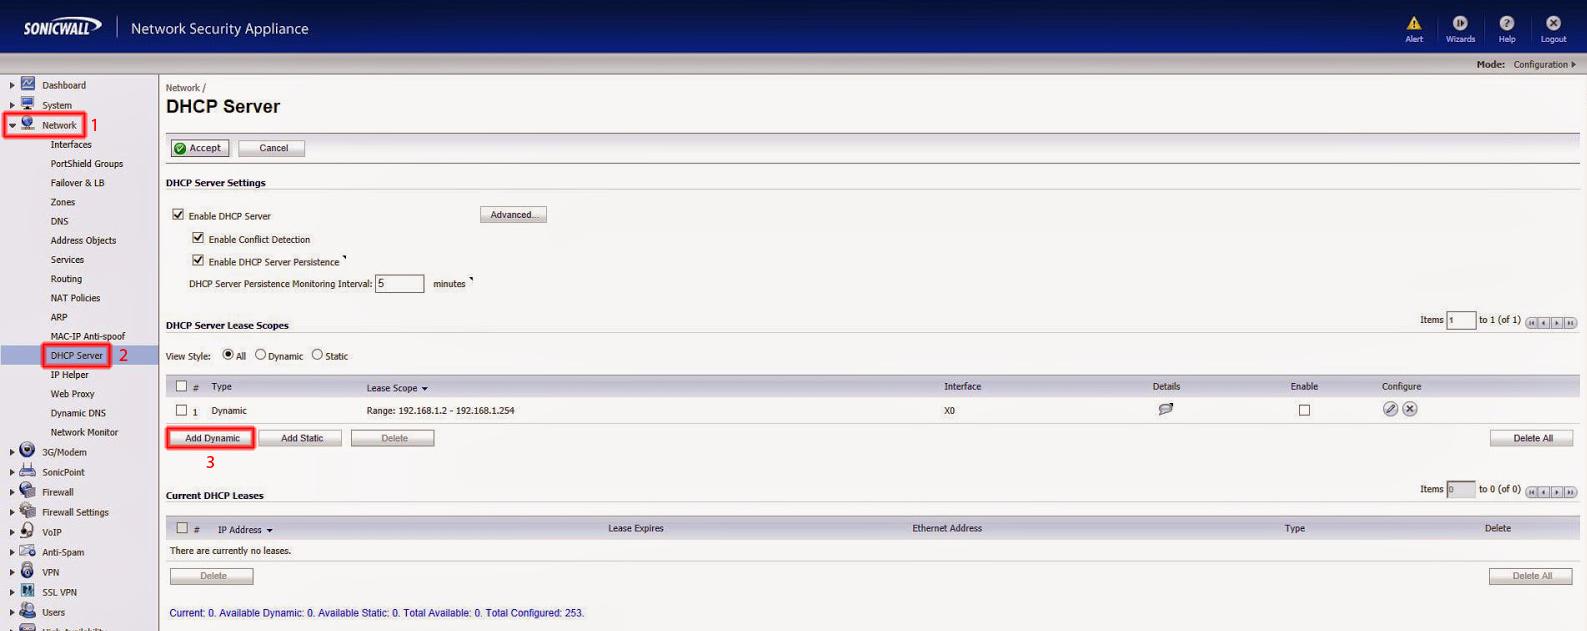 DHCP Servern add dynamic.